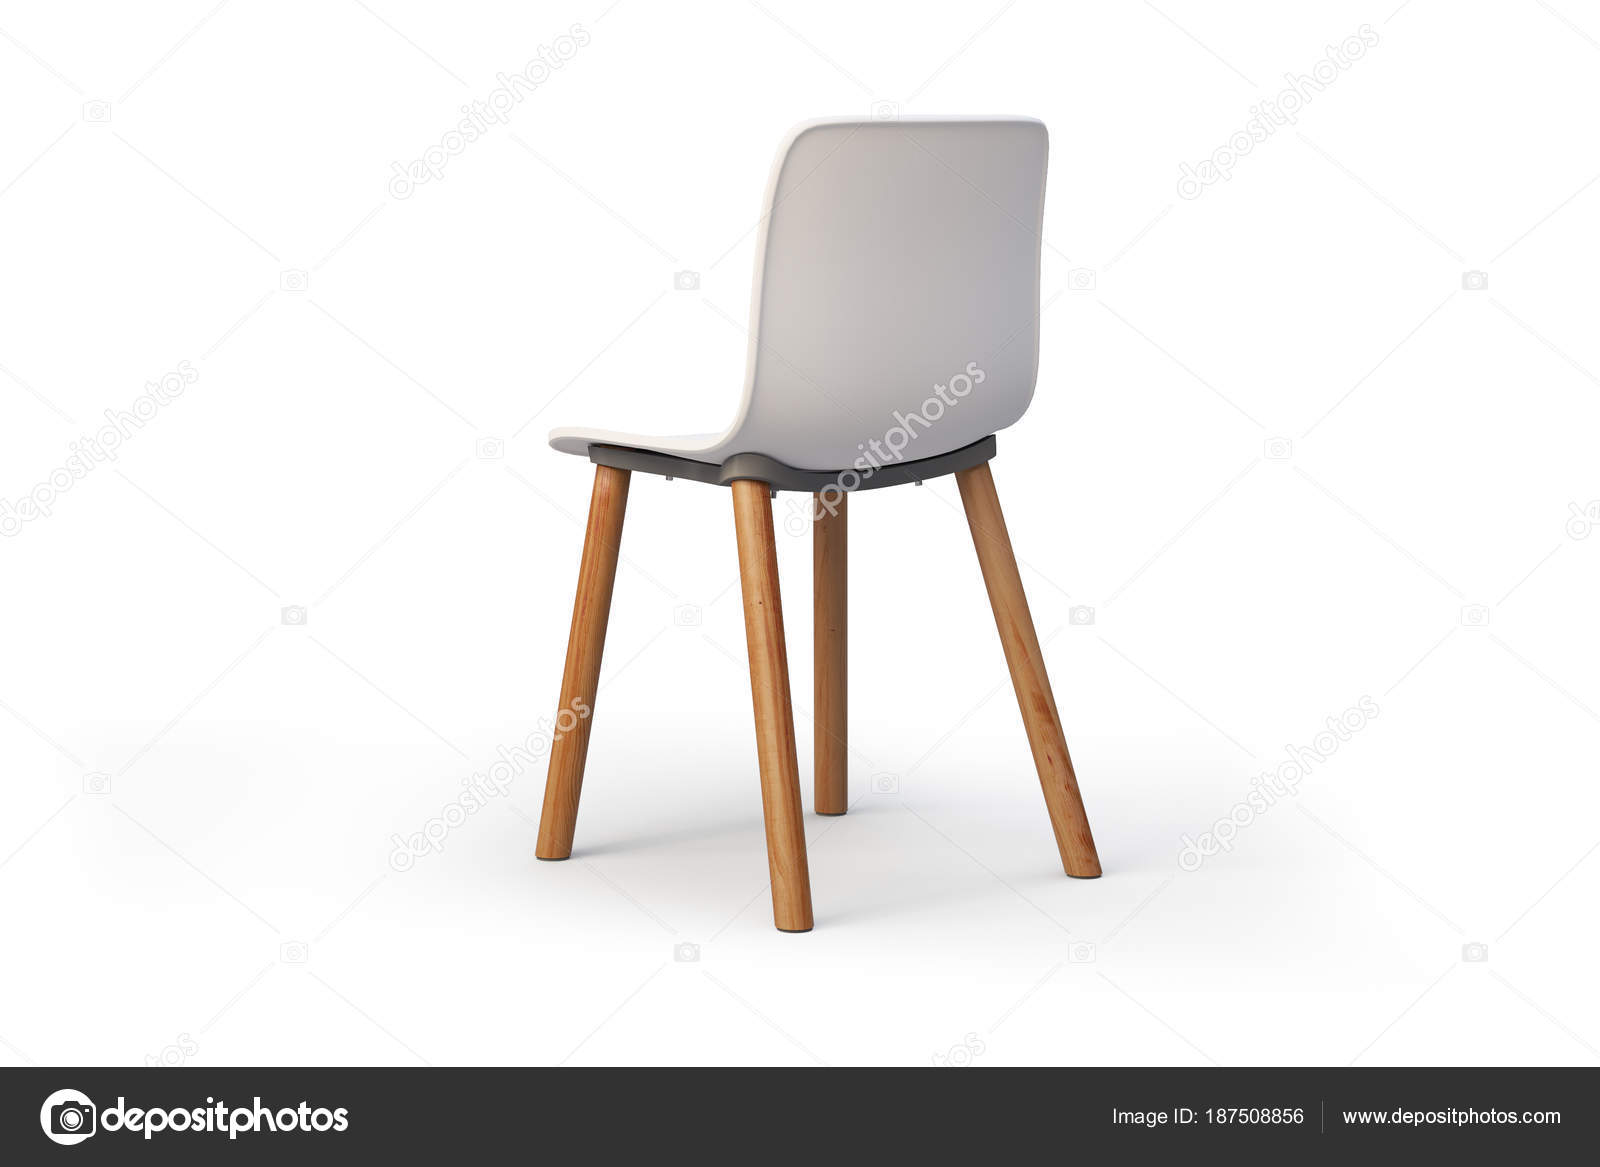 chaise blanche moderne base en bois rendu 3d. Black Bedroom Furniture Sets. Home Design Ideas